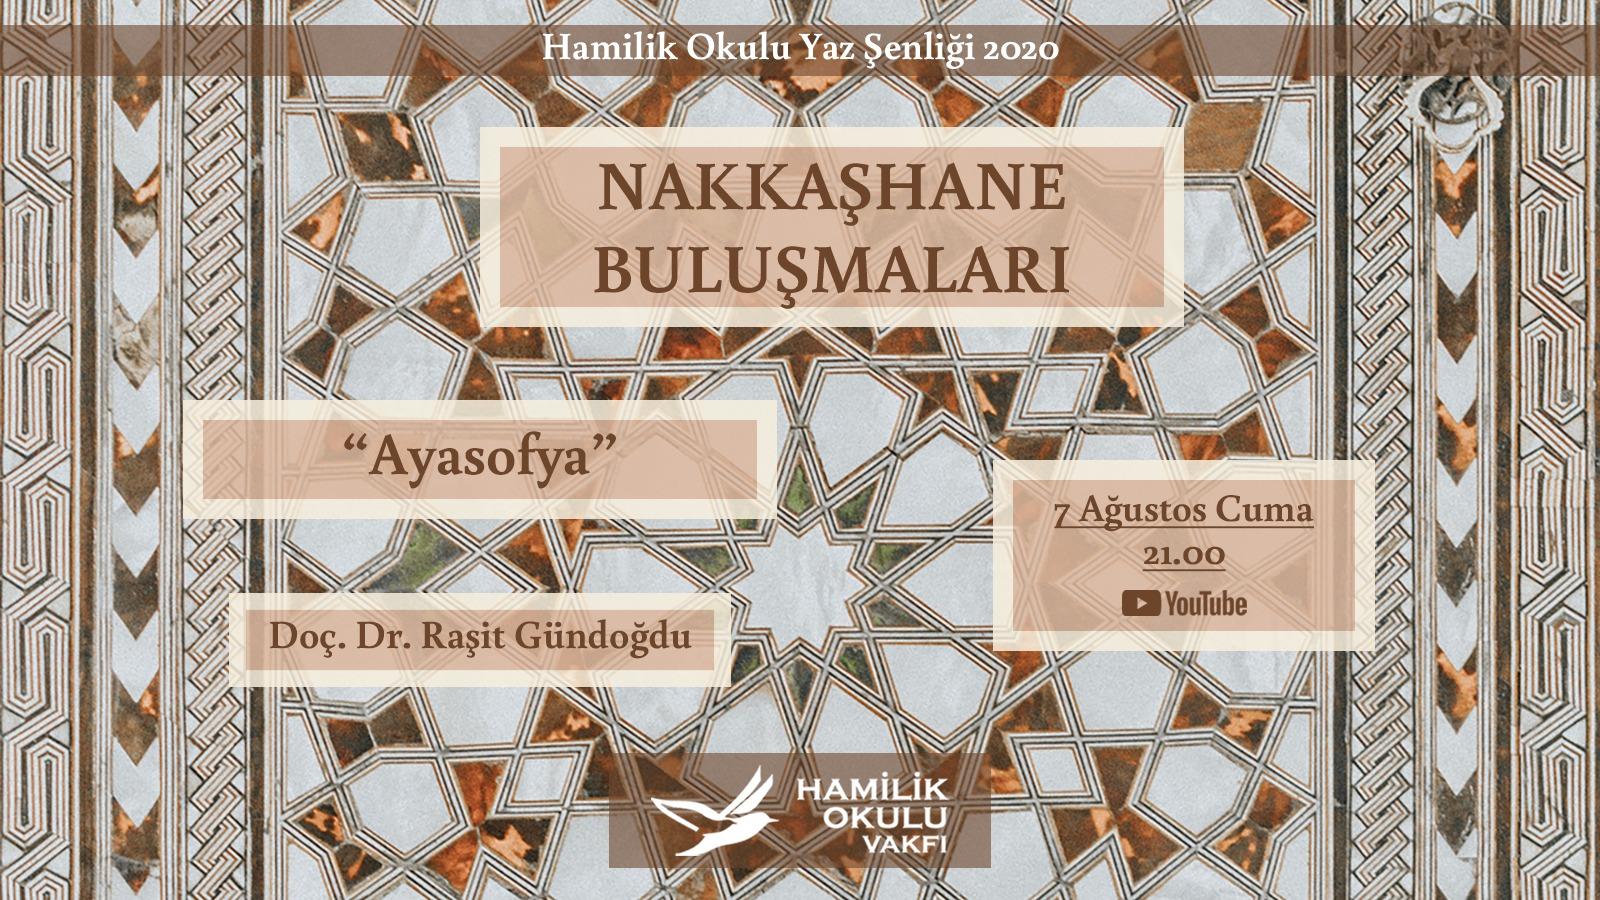 """Nakkaşhane'de Kutlu Şehrin Simgesi """"Ayasofya"""" Konuşuluyor! post thumbnail"""